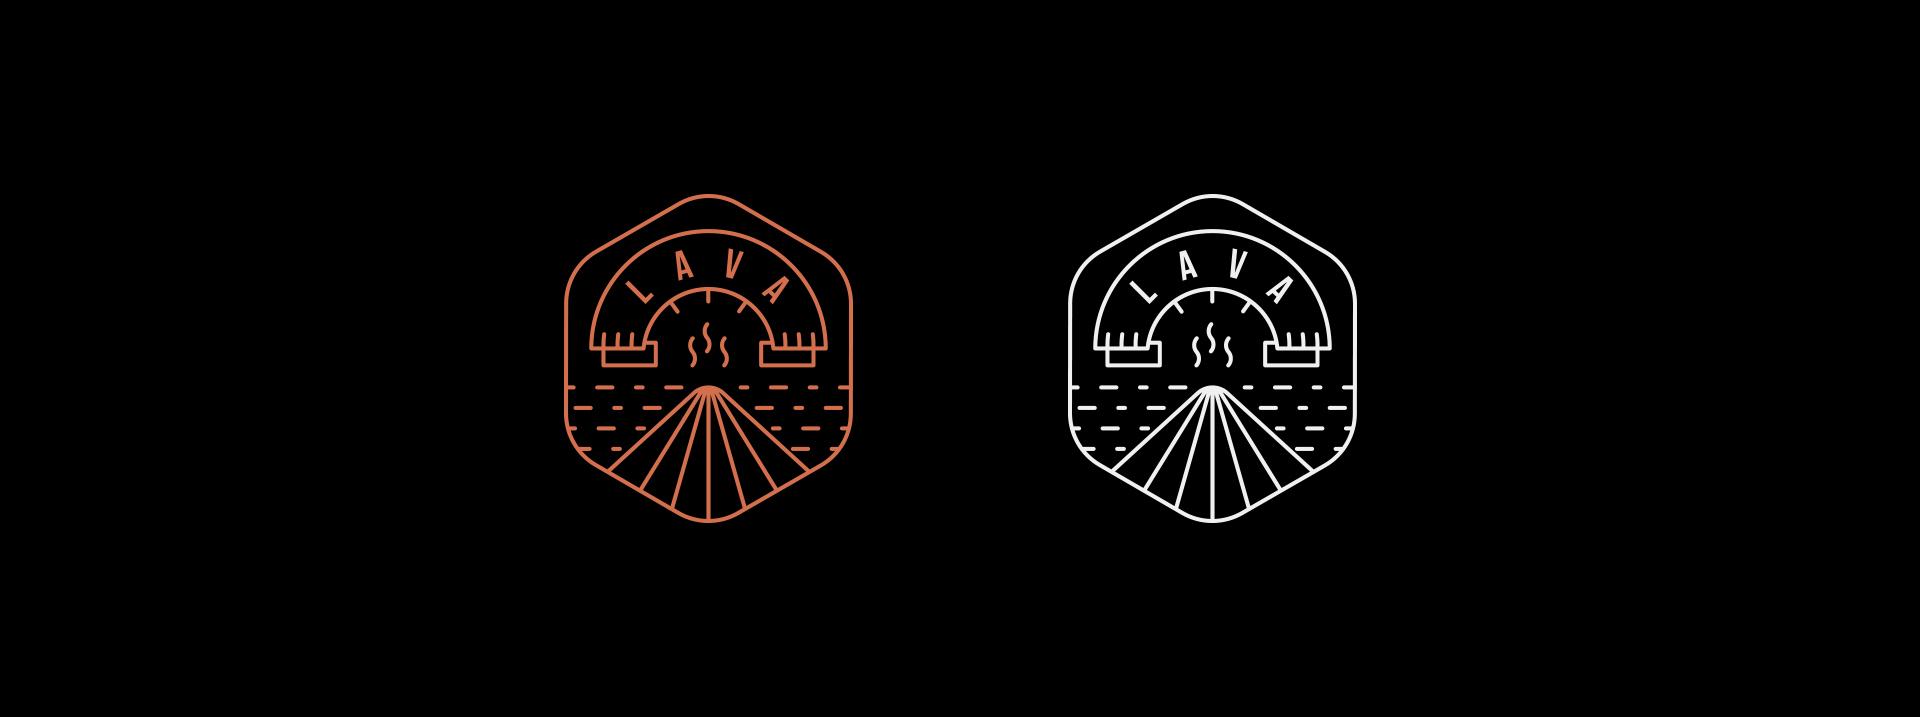 5 Projets de Branding, d'Identité ou de Redesign à voir #17